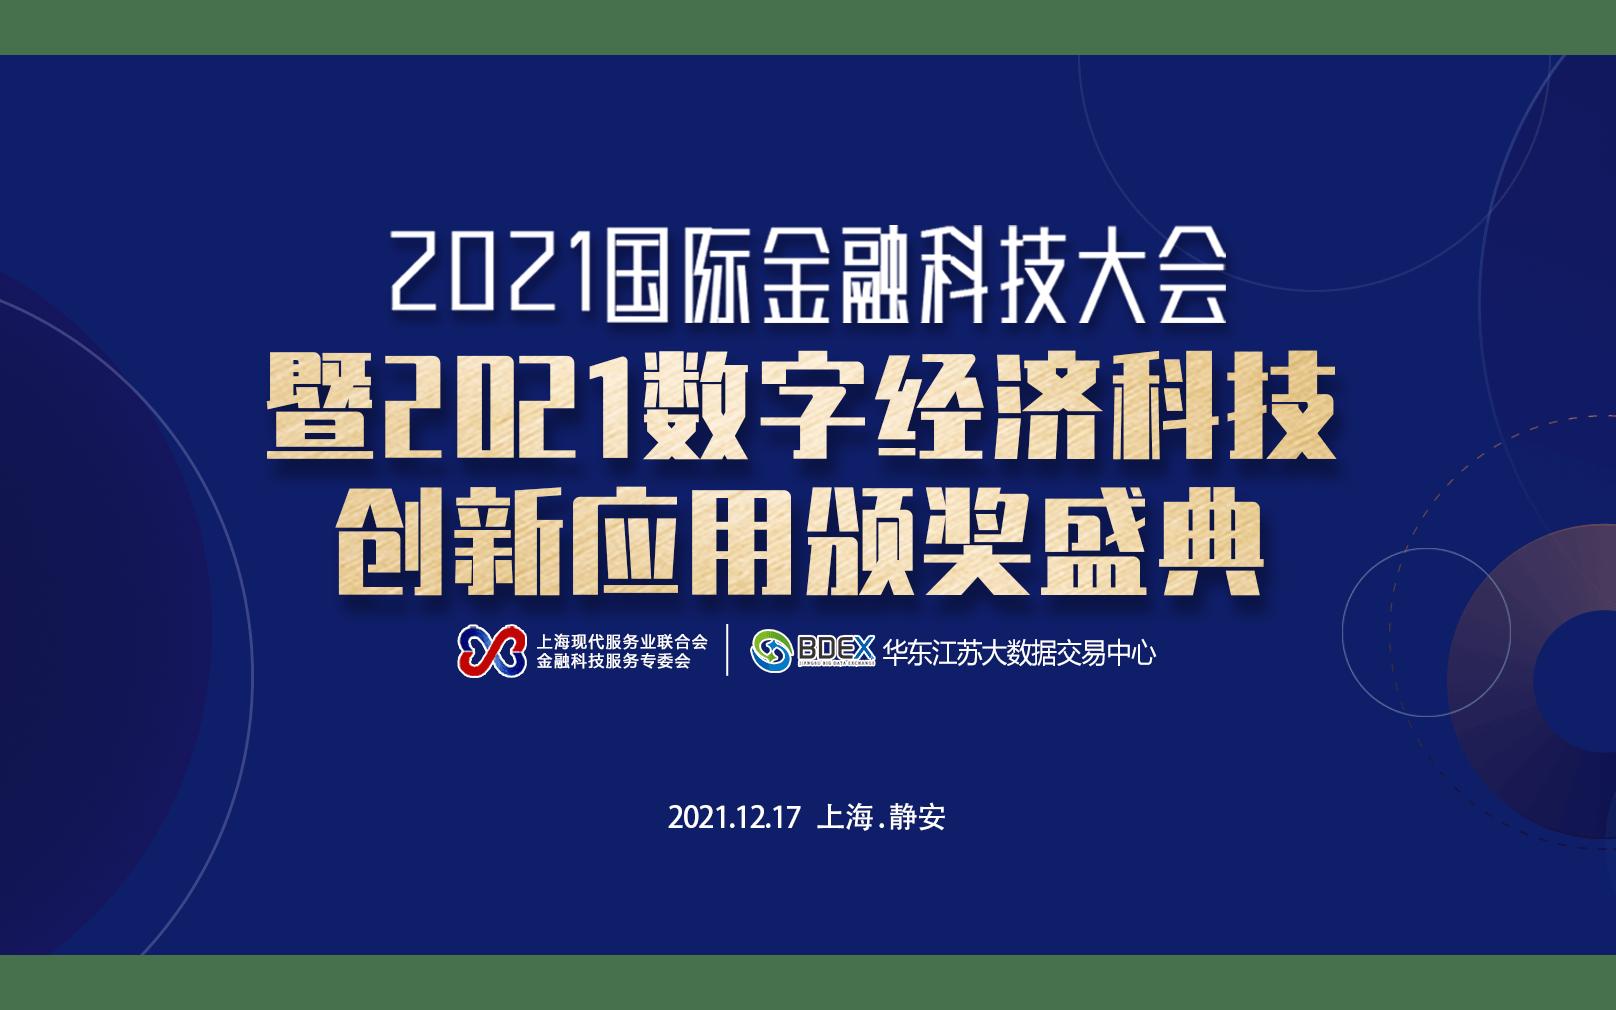 1217盛典 | 2021国际金融科技大会暨数字经济科技创新应用颁奖盛典